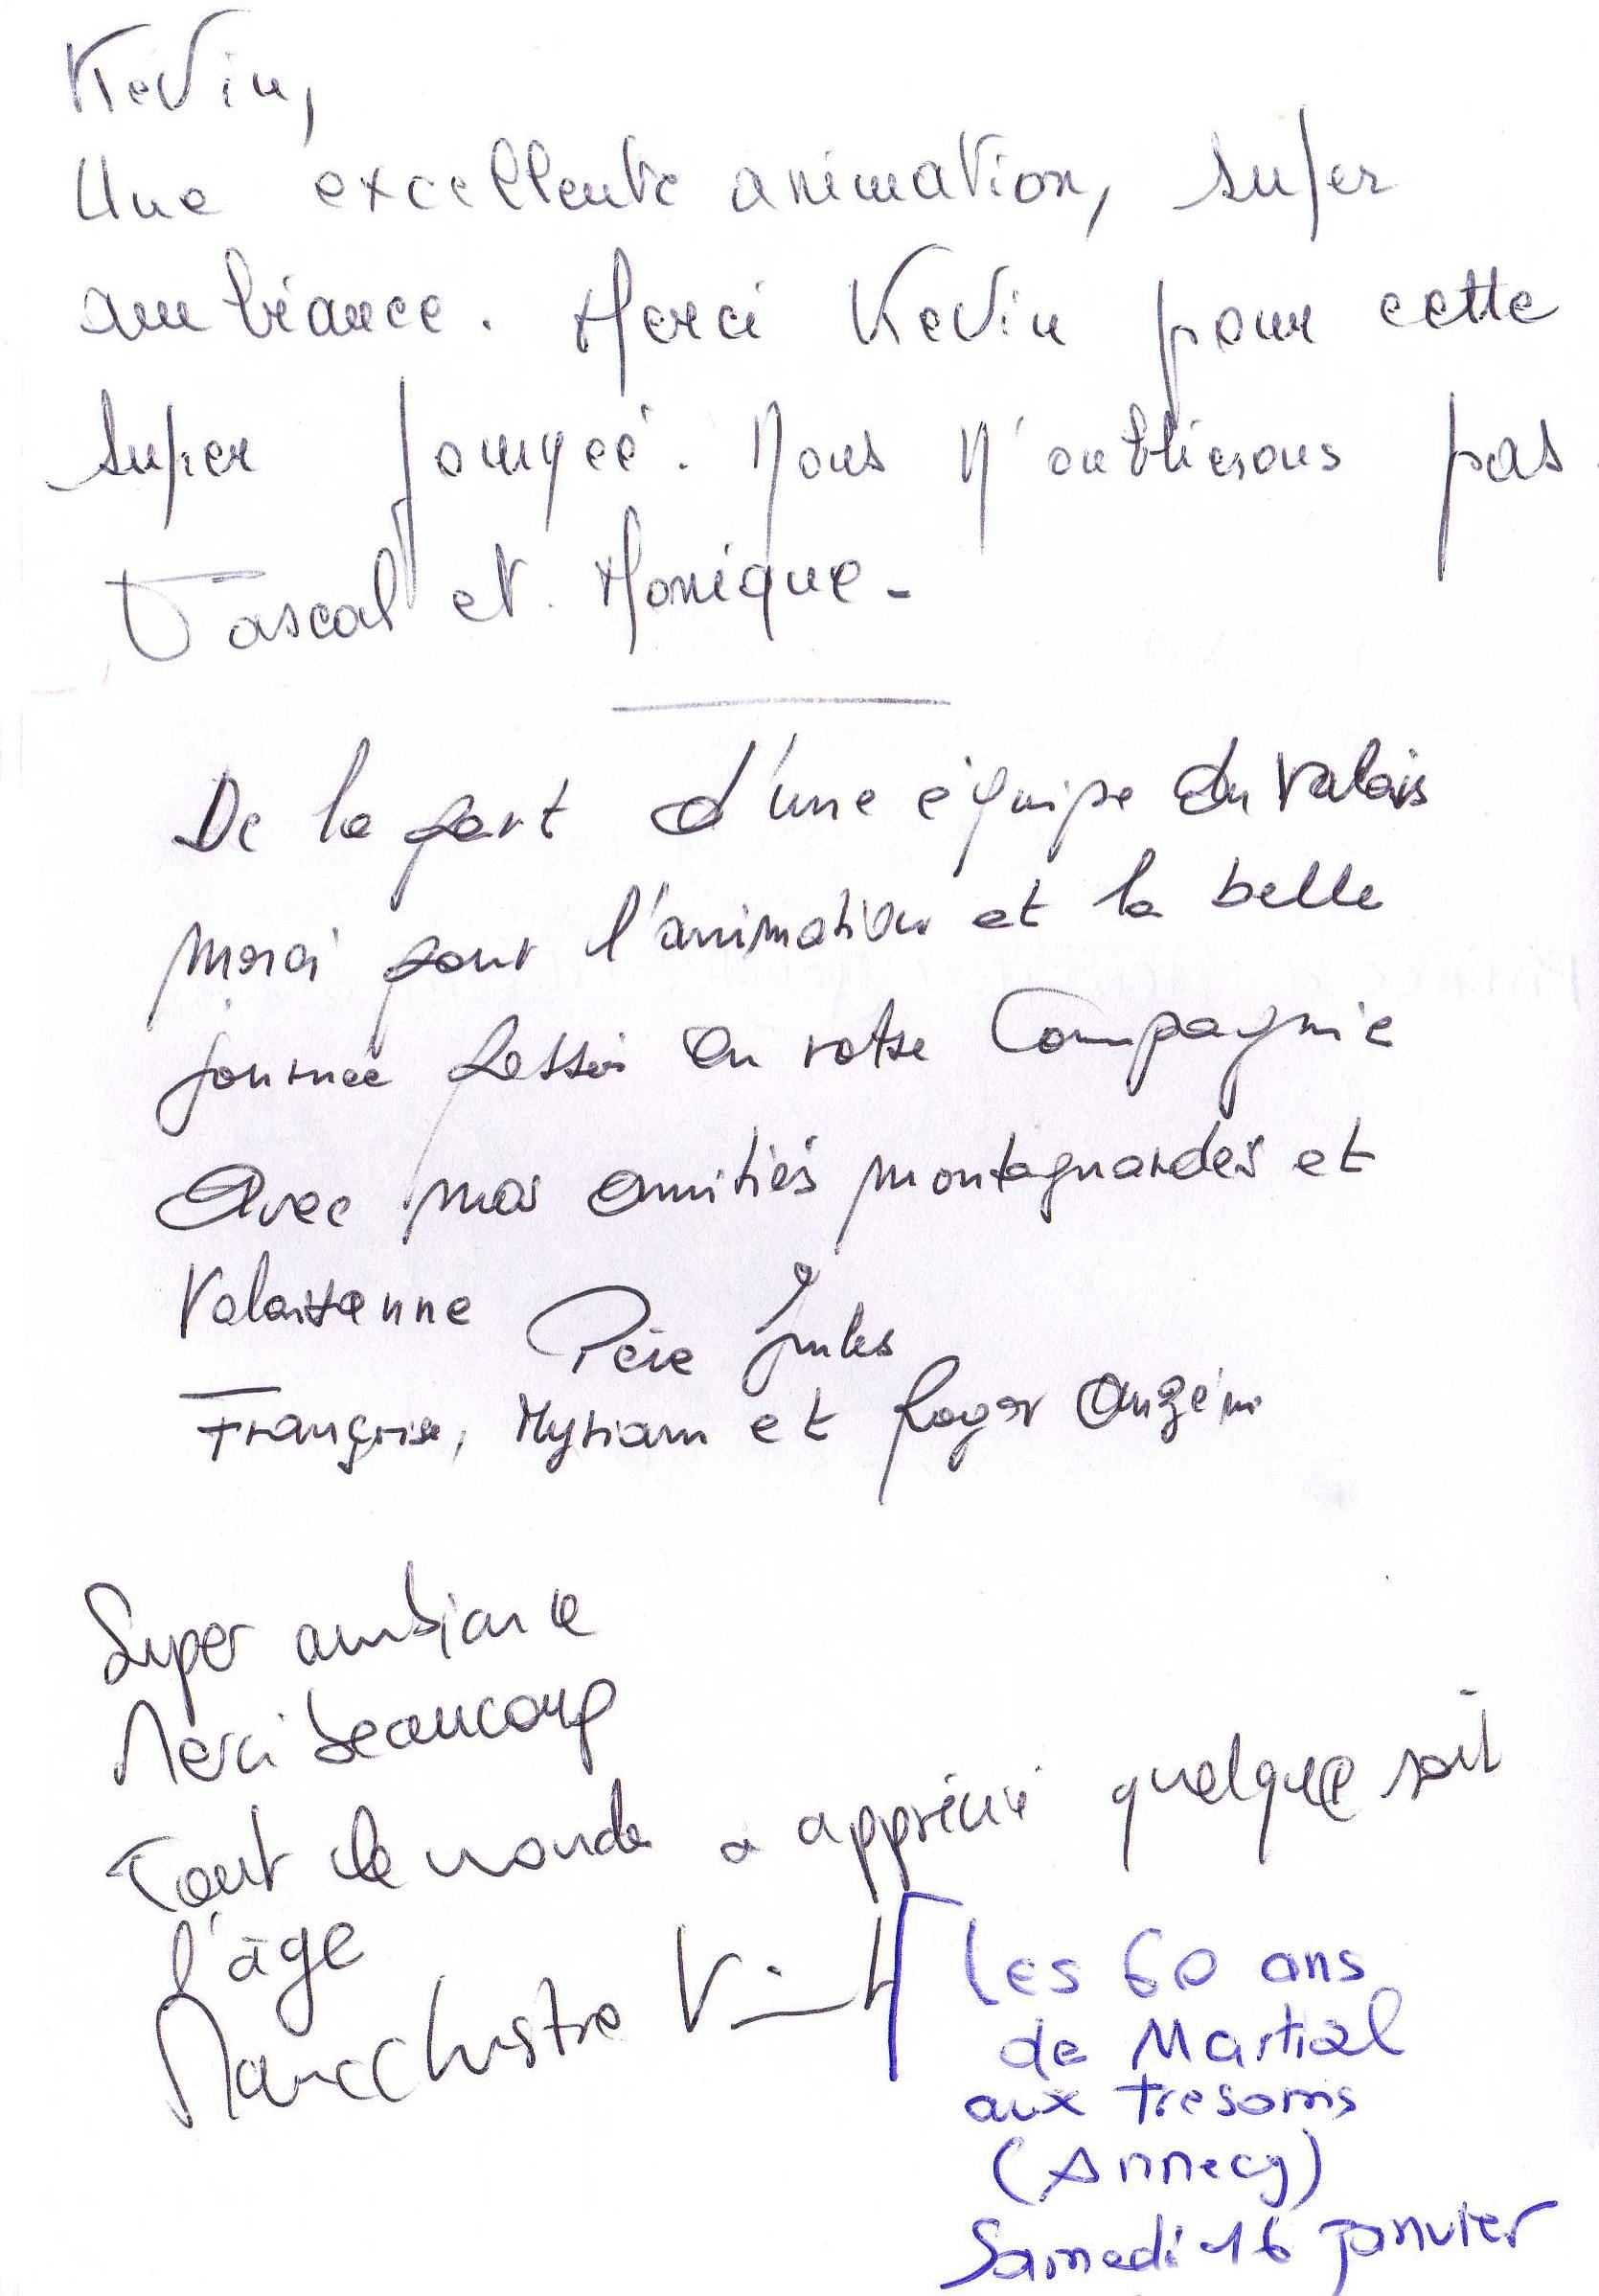 Les 60 ans de Martial VIONNET aux TRESOMS d' ANNECY Samedi 16 Janvier 2016 1